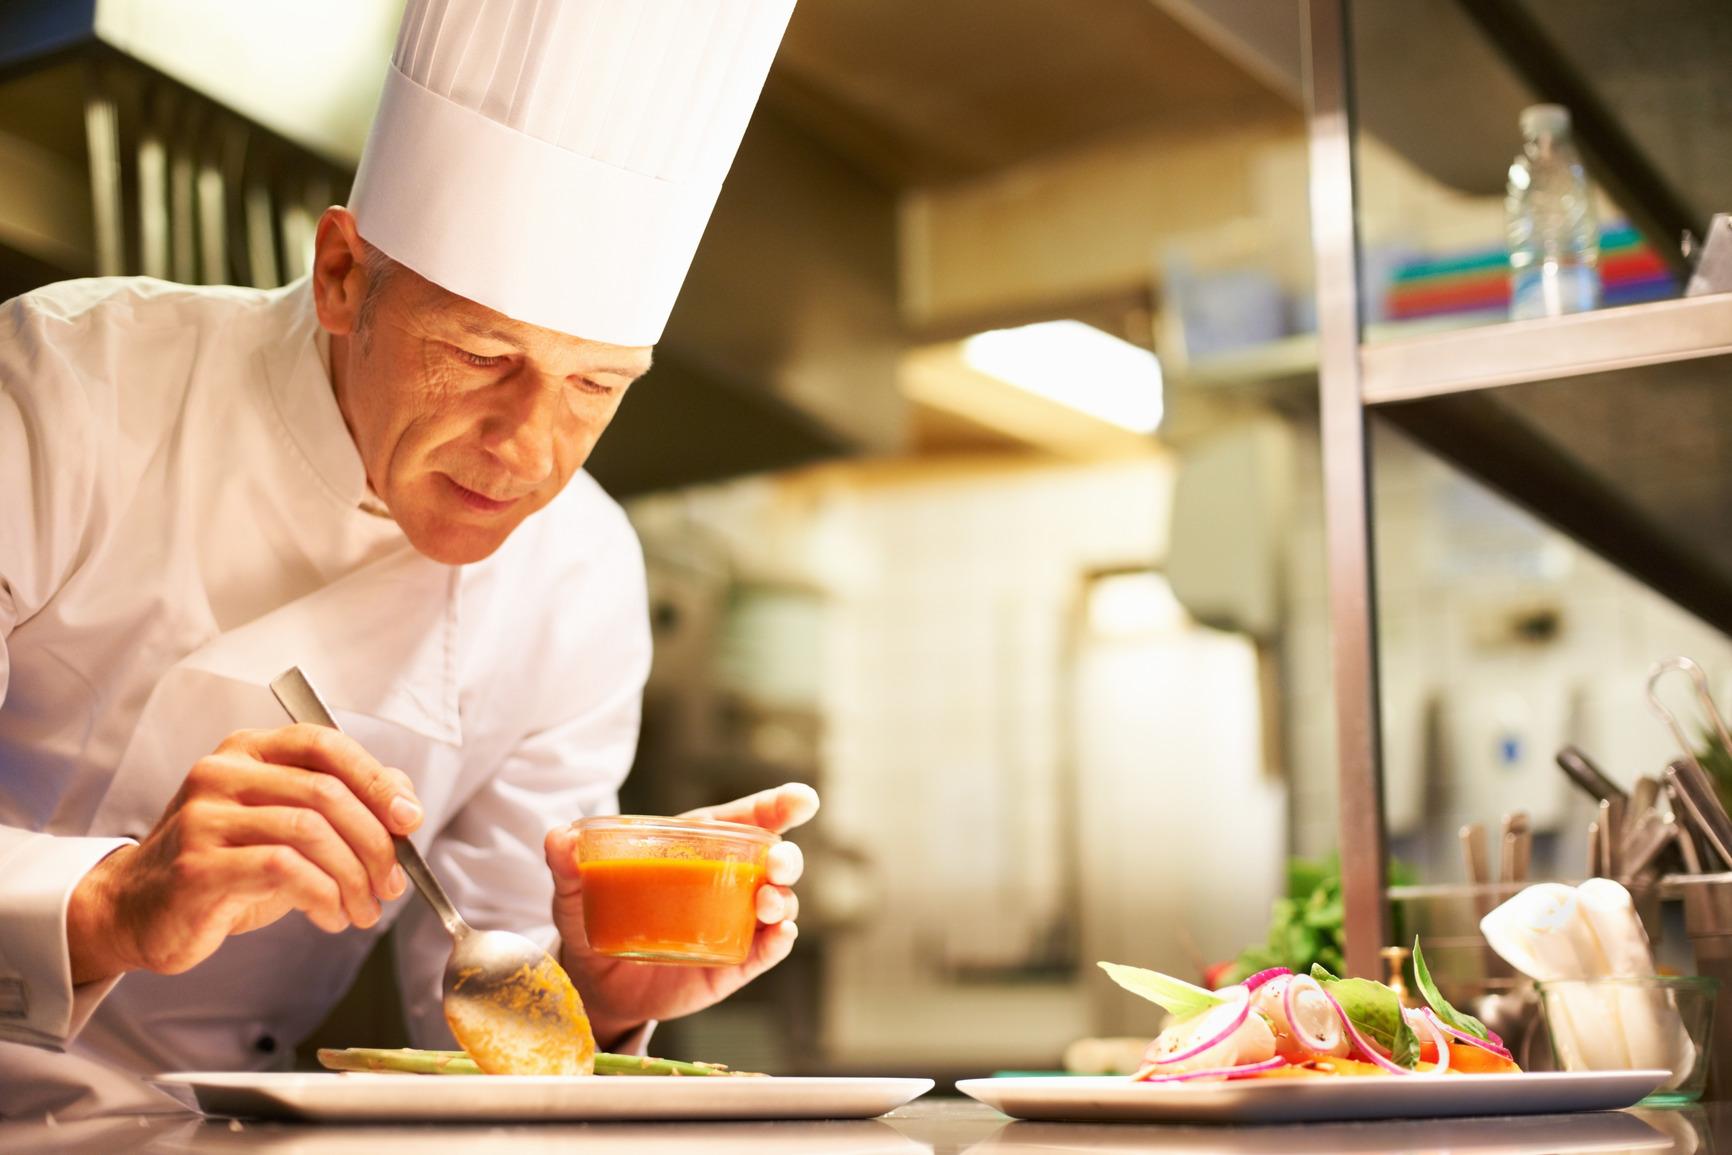 Nghề đầu bếp: Gian truân và sự đền đáp xứng đáng